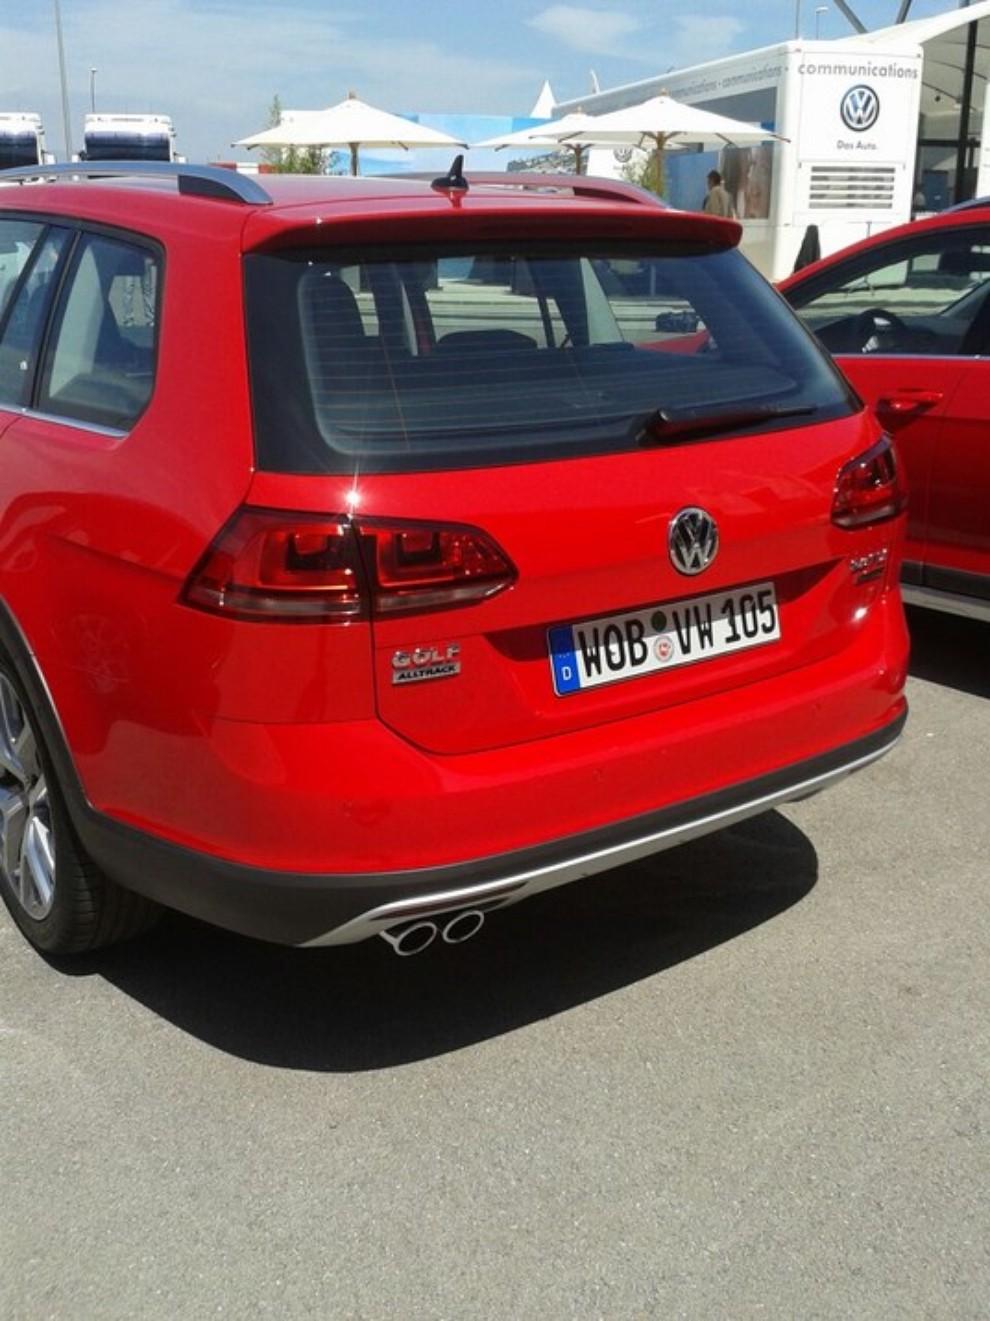 Volkswagen Golf Alltrack prova su strada, prestazioni e prezzi - Foto 6 di 13